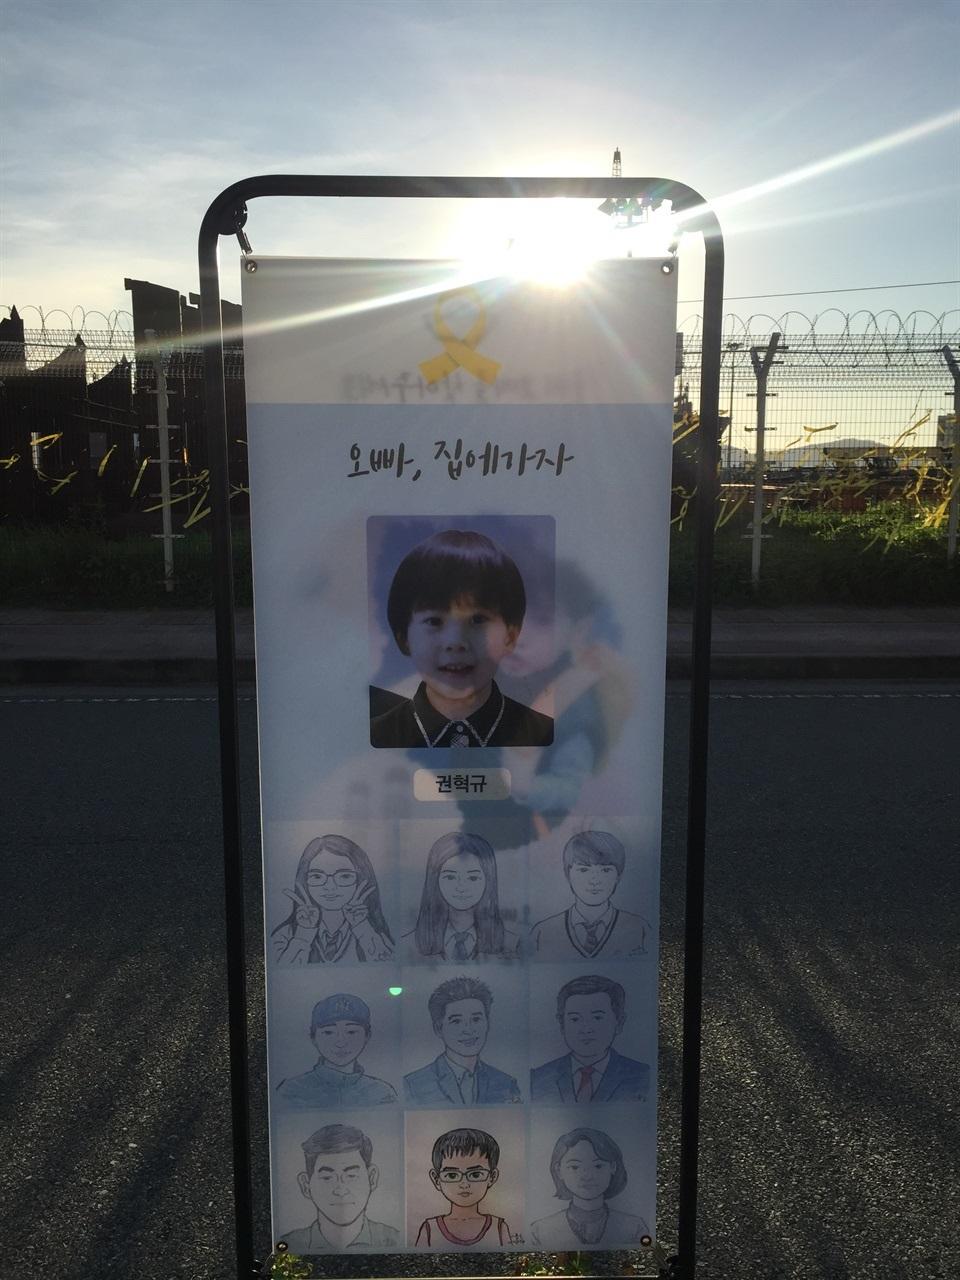 권혁규 님 어서 돌아오세요.